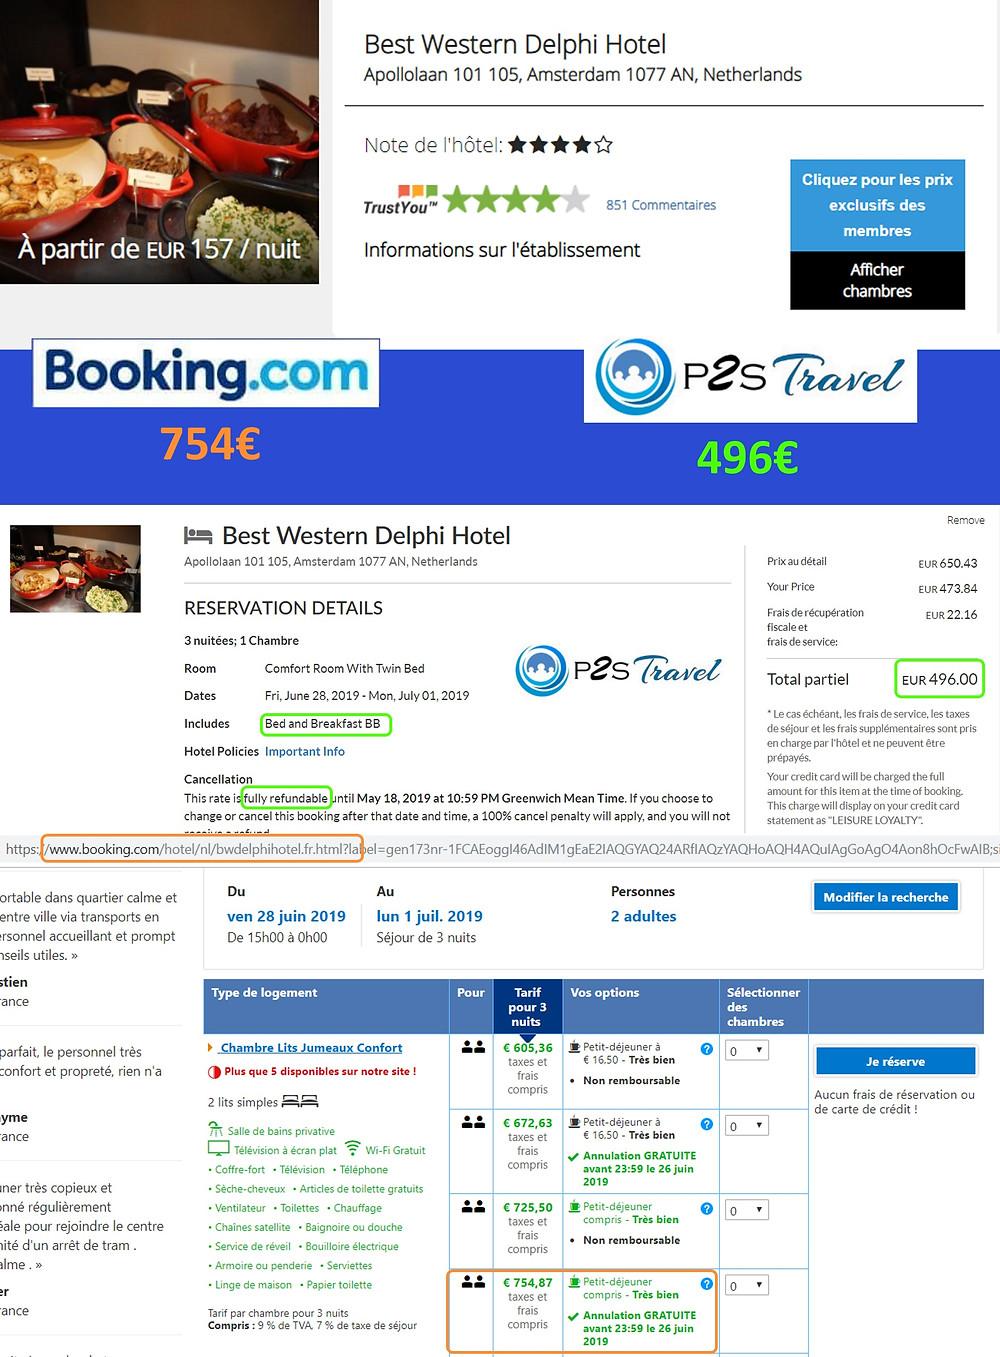 Hôtel Best Western Delphi à Amsterdam / Pays Bas - 1 chambre 3 nuits 2 adultes Tarif sur Booking 754€ - même chose sur P2S Travel 496€ soit 258€ d'économies en réservant sur le site réservation P2S Travel